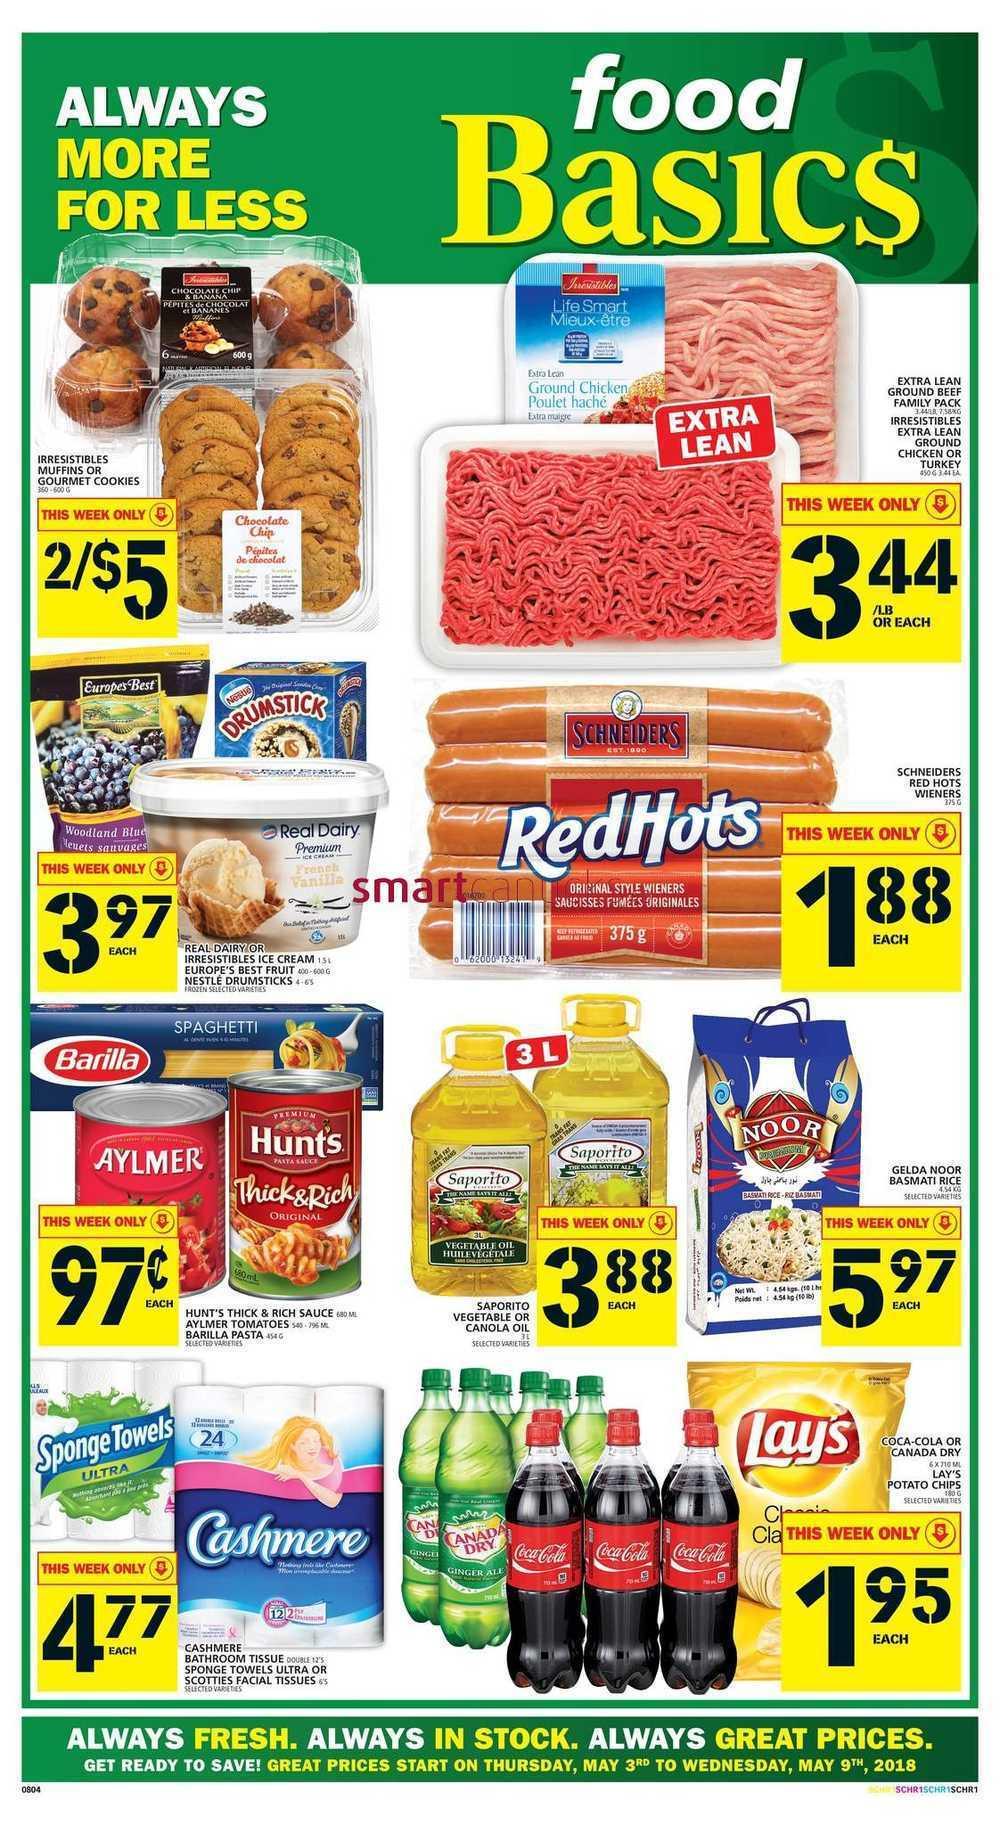 Kitchener Food Basics